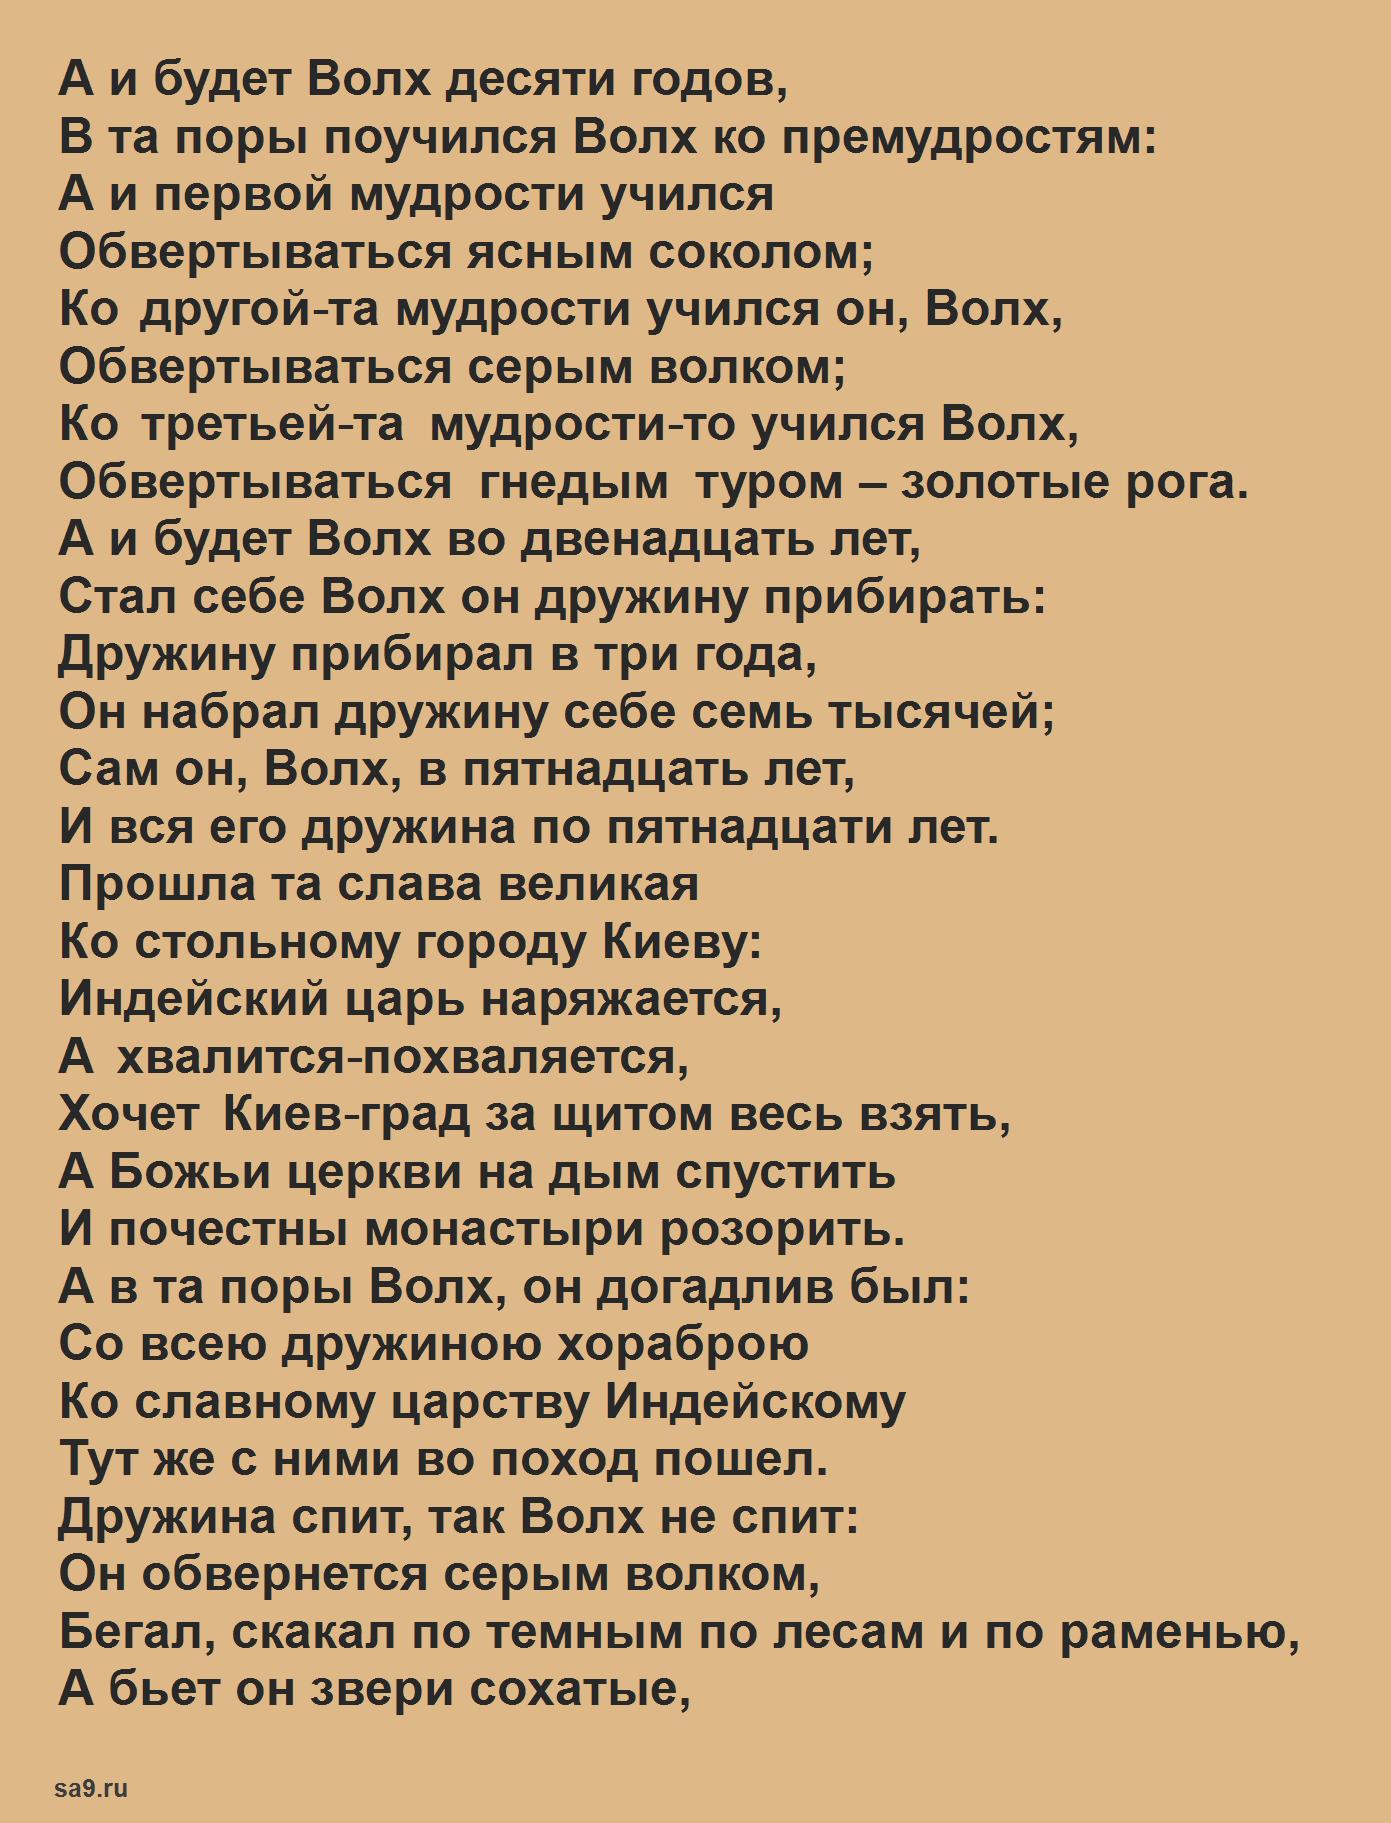 Читать былину - Волх Всеславьевич, полностью